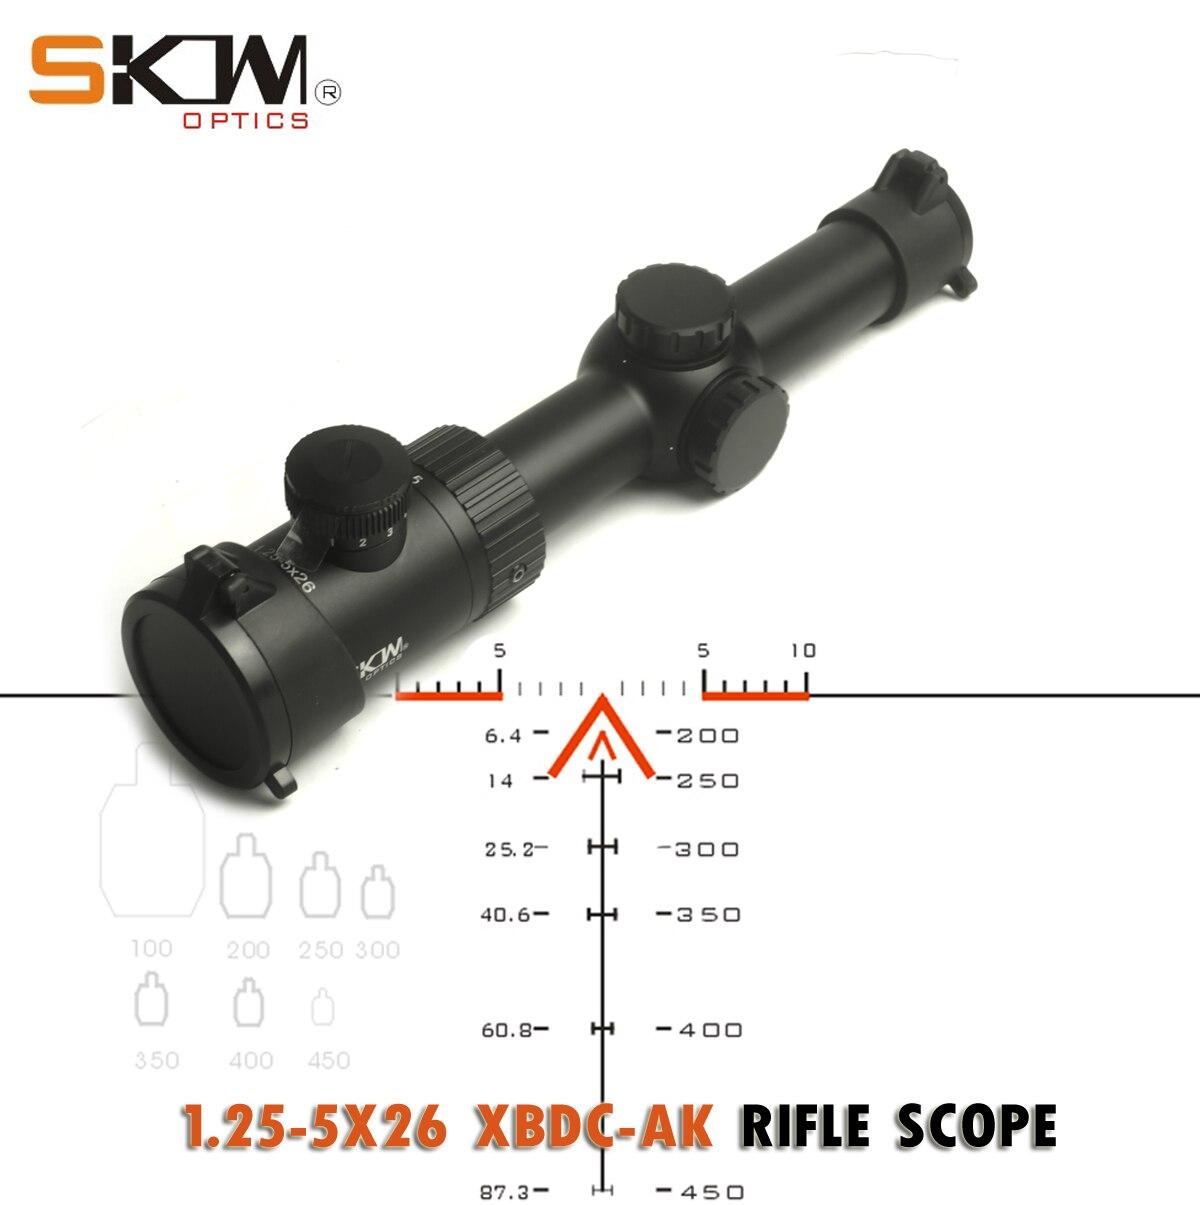 SKWoptics 1.25-5x26A Tactique de tir de Chasse pour AK AR, M4 Kalachnikov sight compact de tir BDC réticule